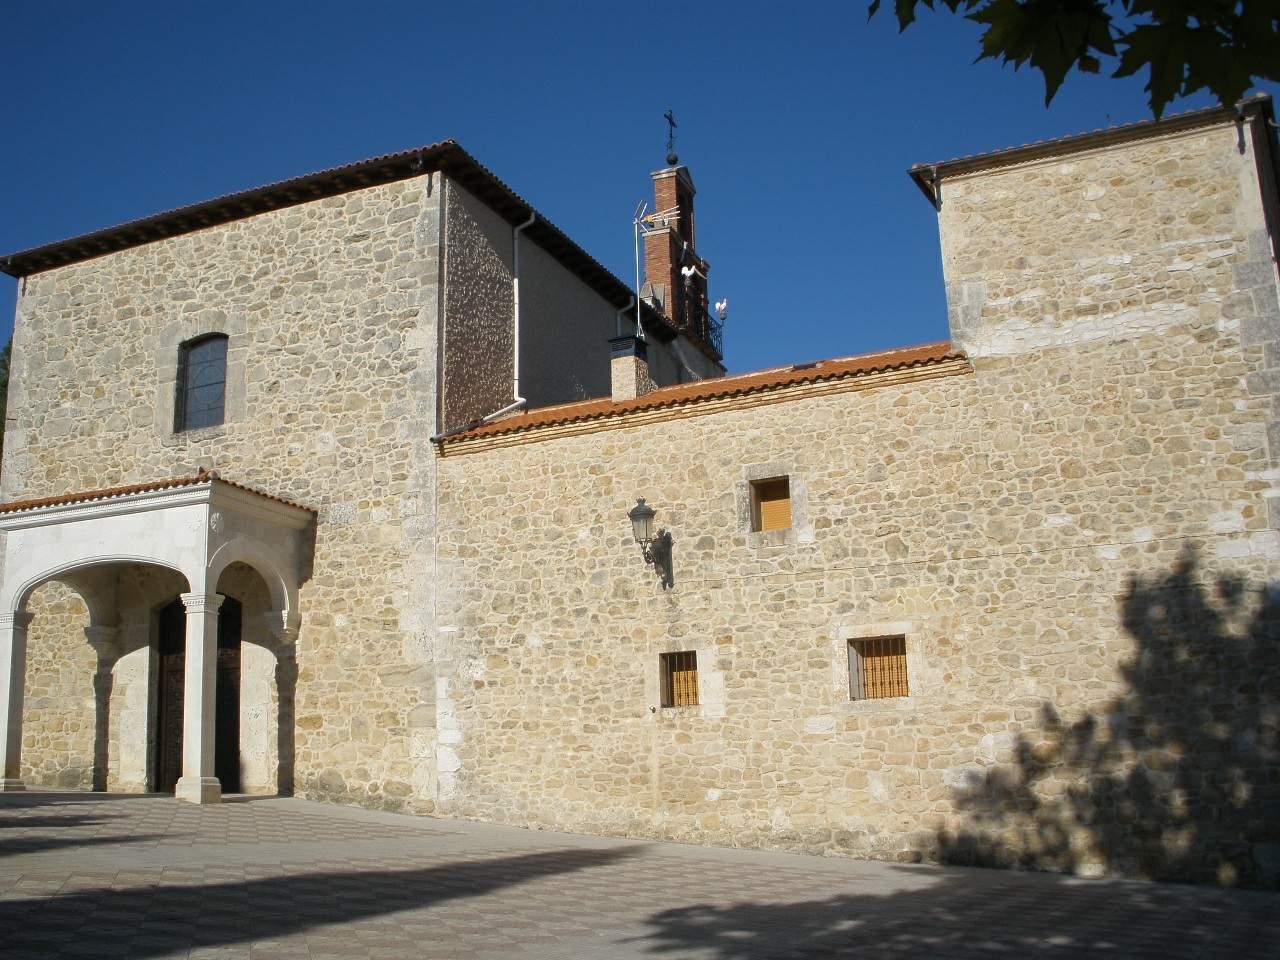 El Santuario de la Virgen de las Viñas